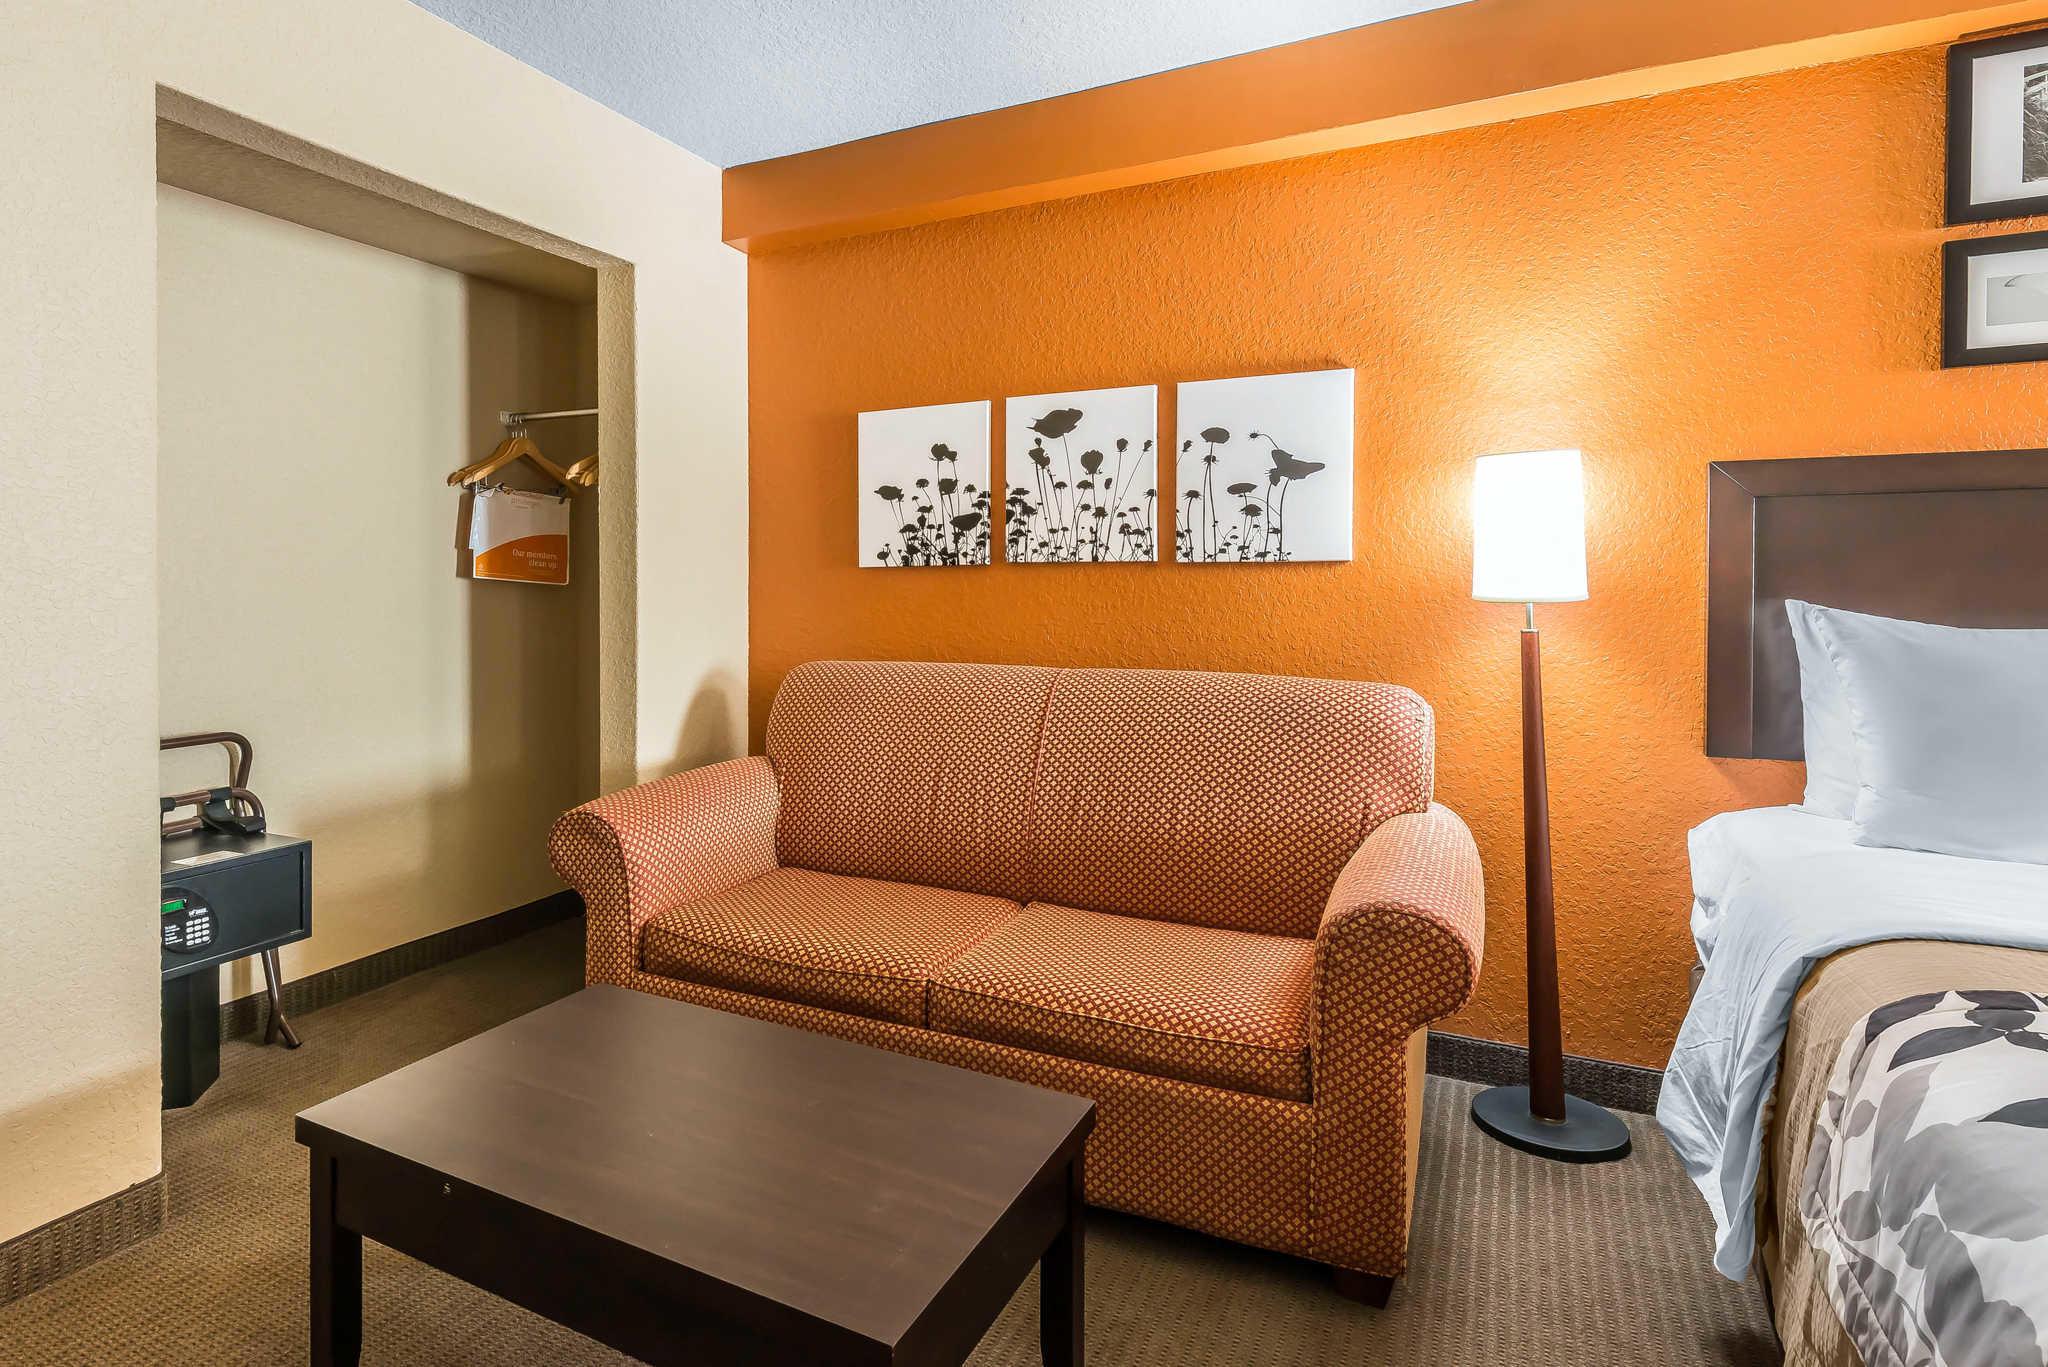 Sleep Inn & Suites Ocala - Belleview image 12